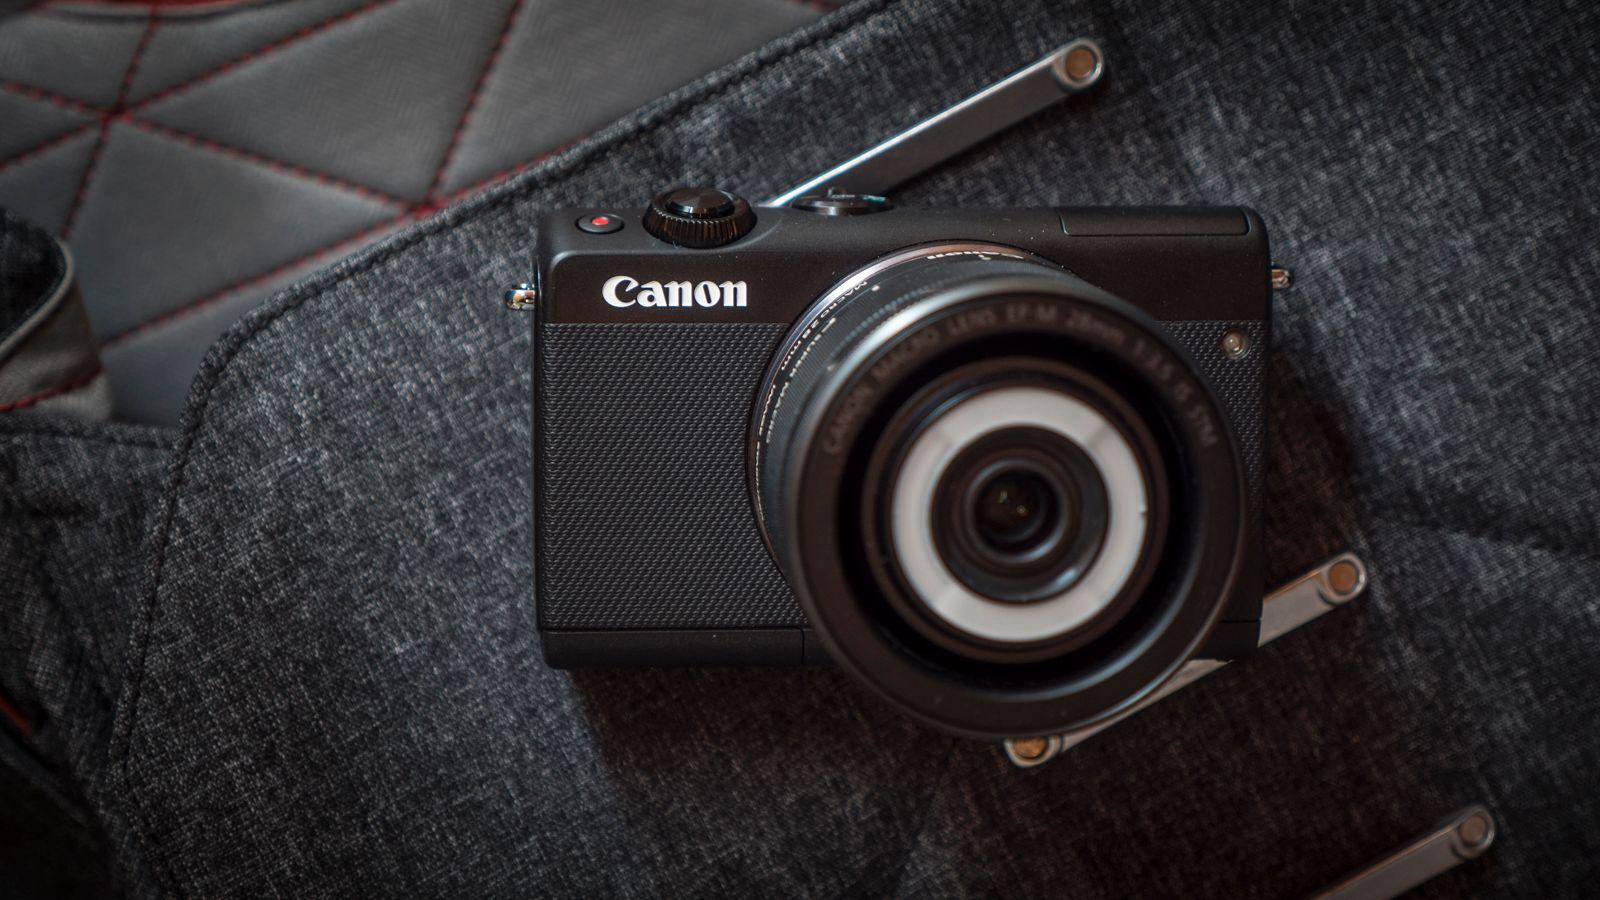 Det er veldig mye bildekvalitet for størrelsen og prisen, men det er et enkelt kamera for enkel bruk. Bilde: Kristoffer Møllevik